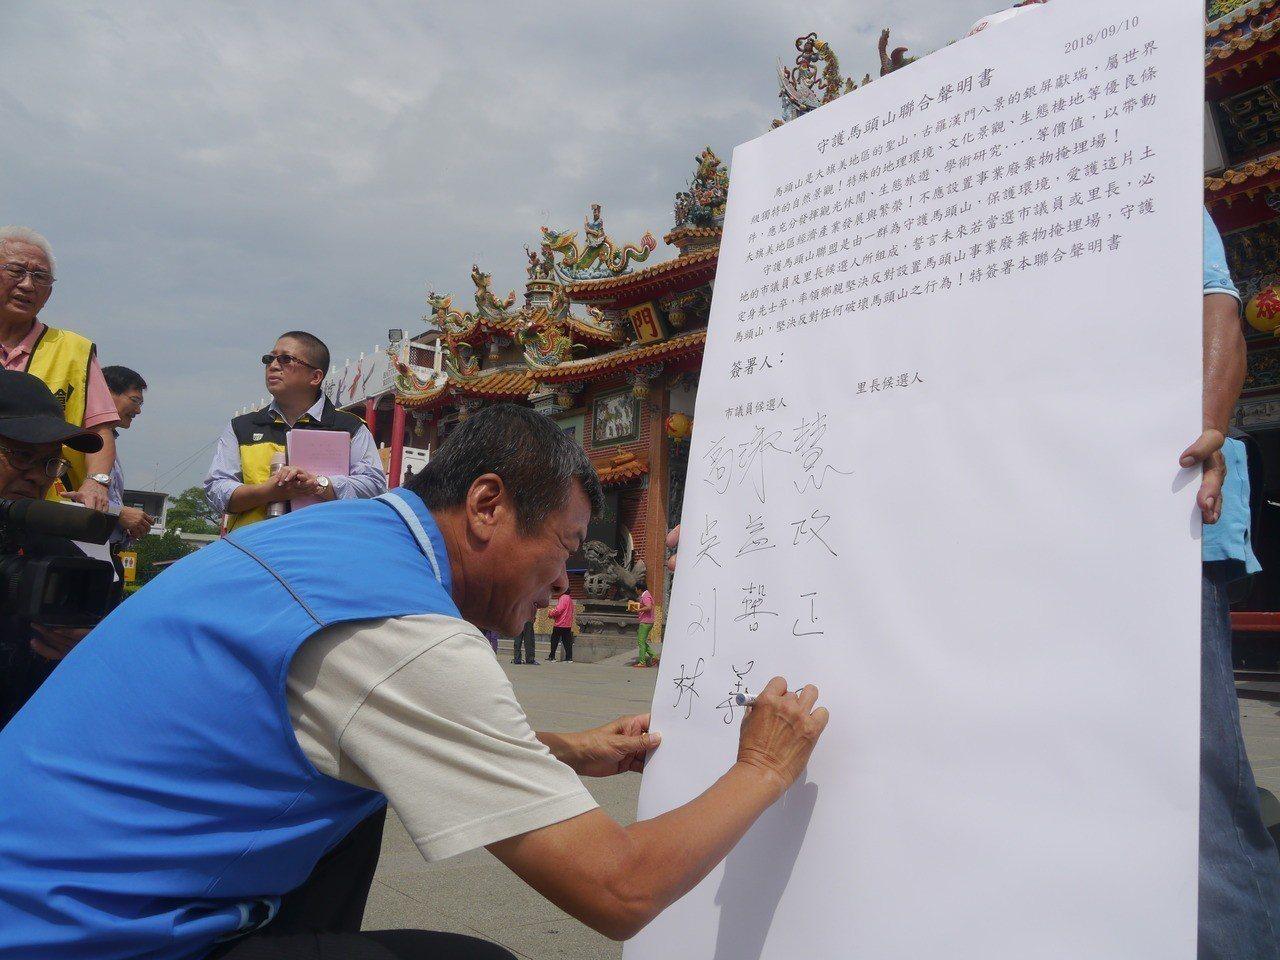 自救會邀請參選人簽署守護馬頭山聯合聲明書。記者徐白櫻/攝影